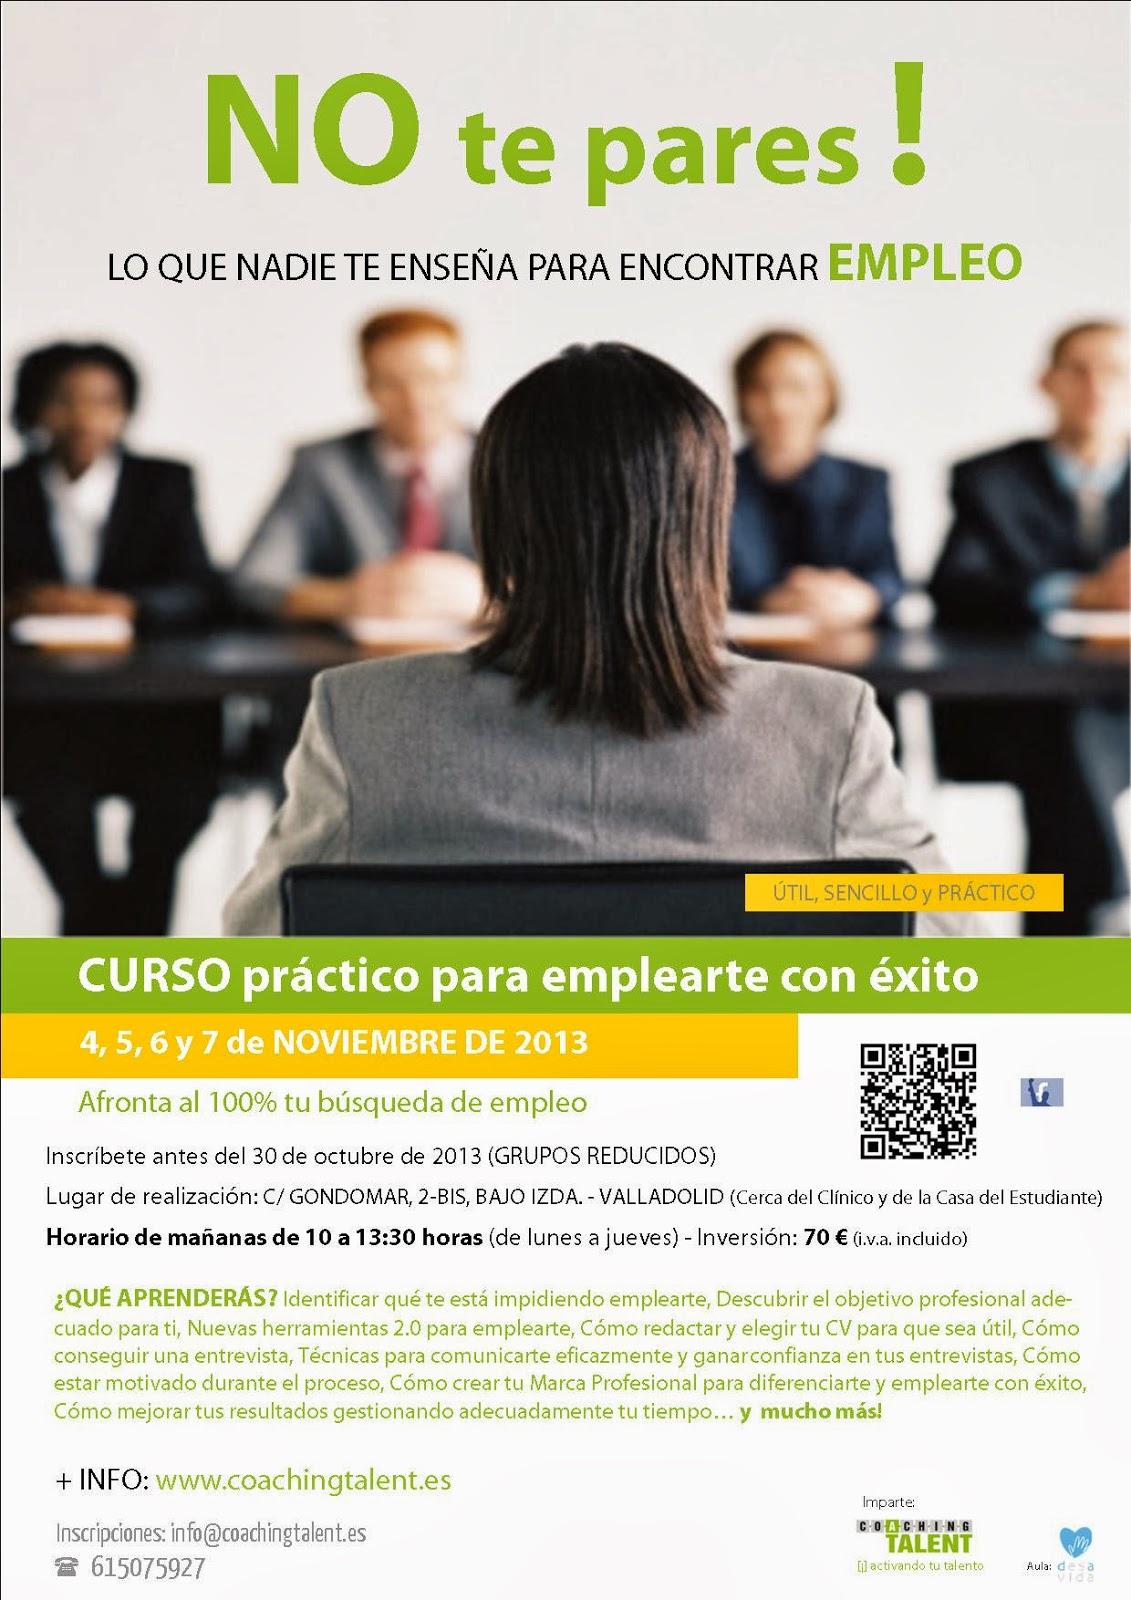 Espacio Joven De Valladolid Curso Práctico Para Emplearte Con éxito